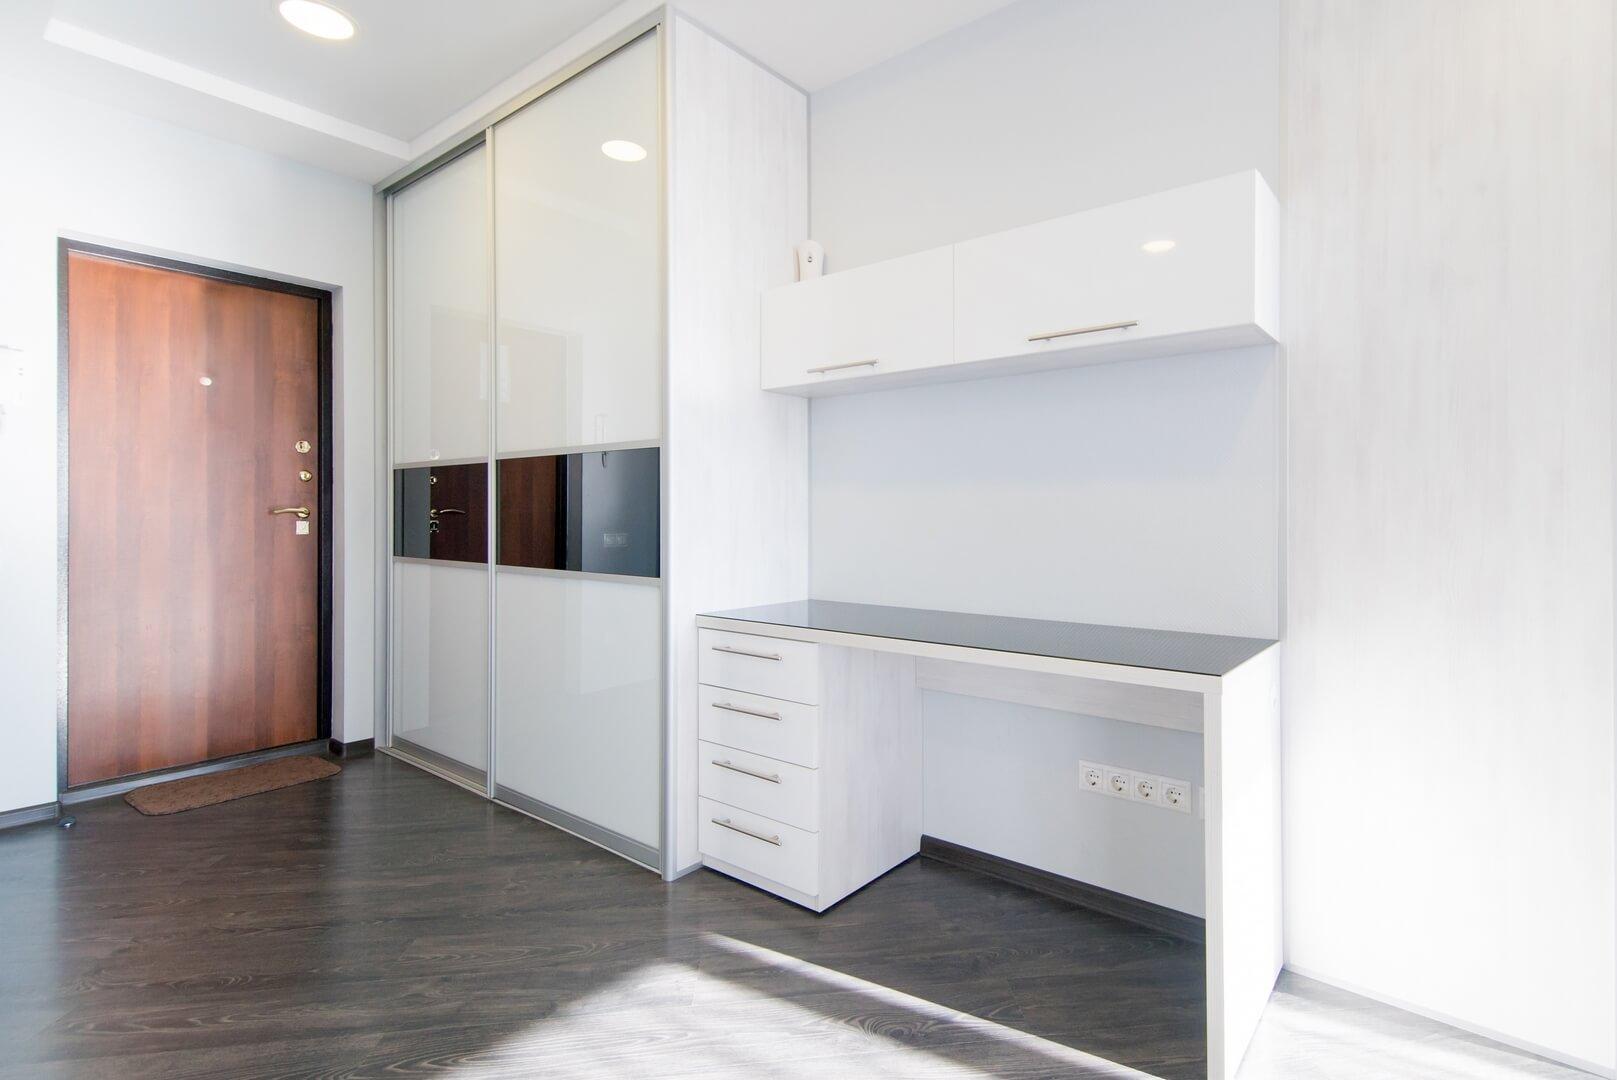 Biała szafa na wymiar z białymi drzwiami przesuwnymi do pokoju dziecięcego